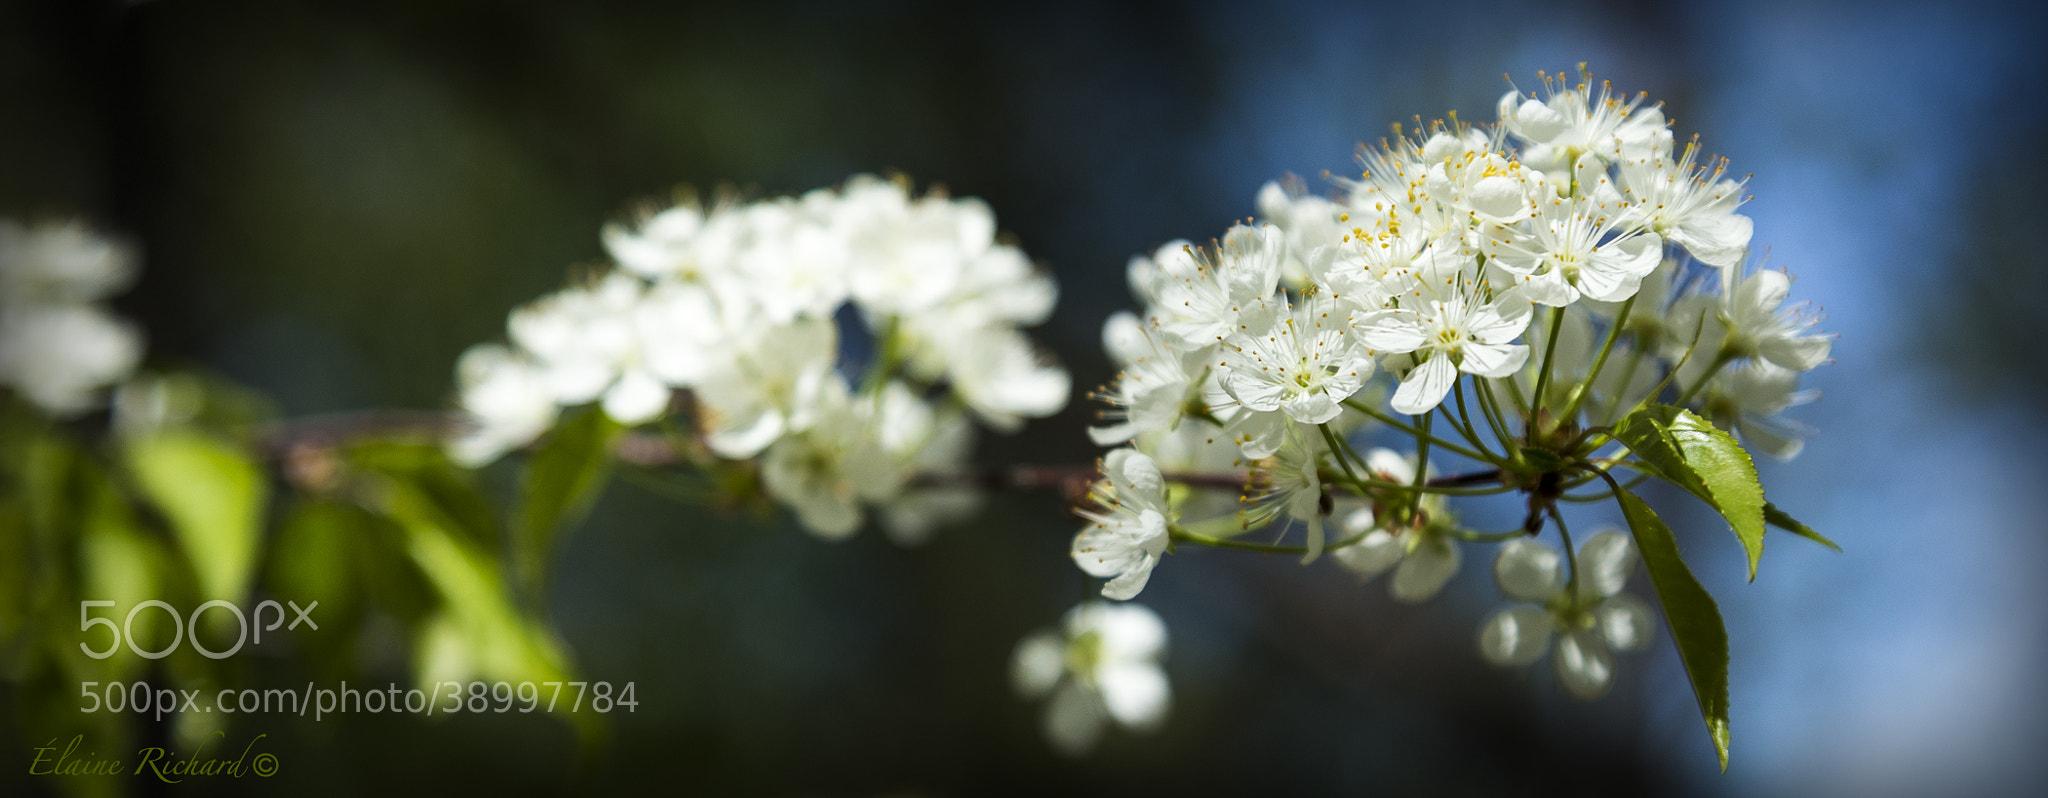 Photograph Pommiers du printemps by Elaine Richard on 500px